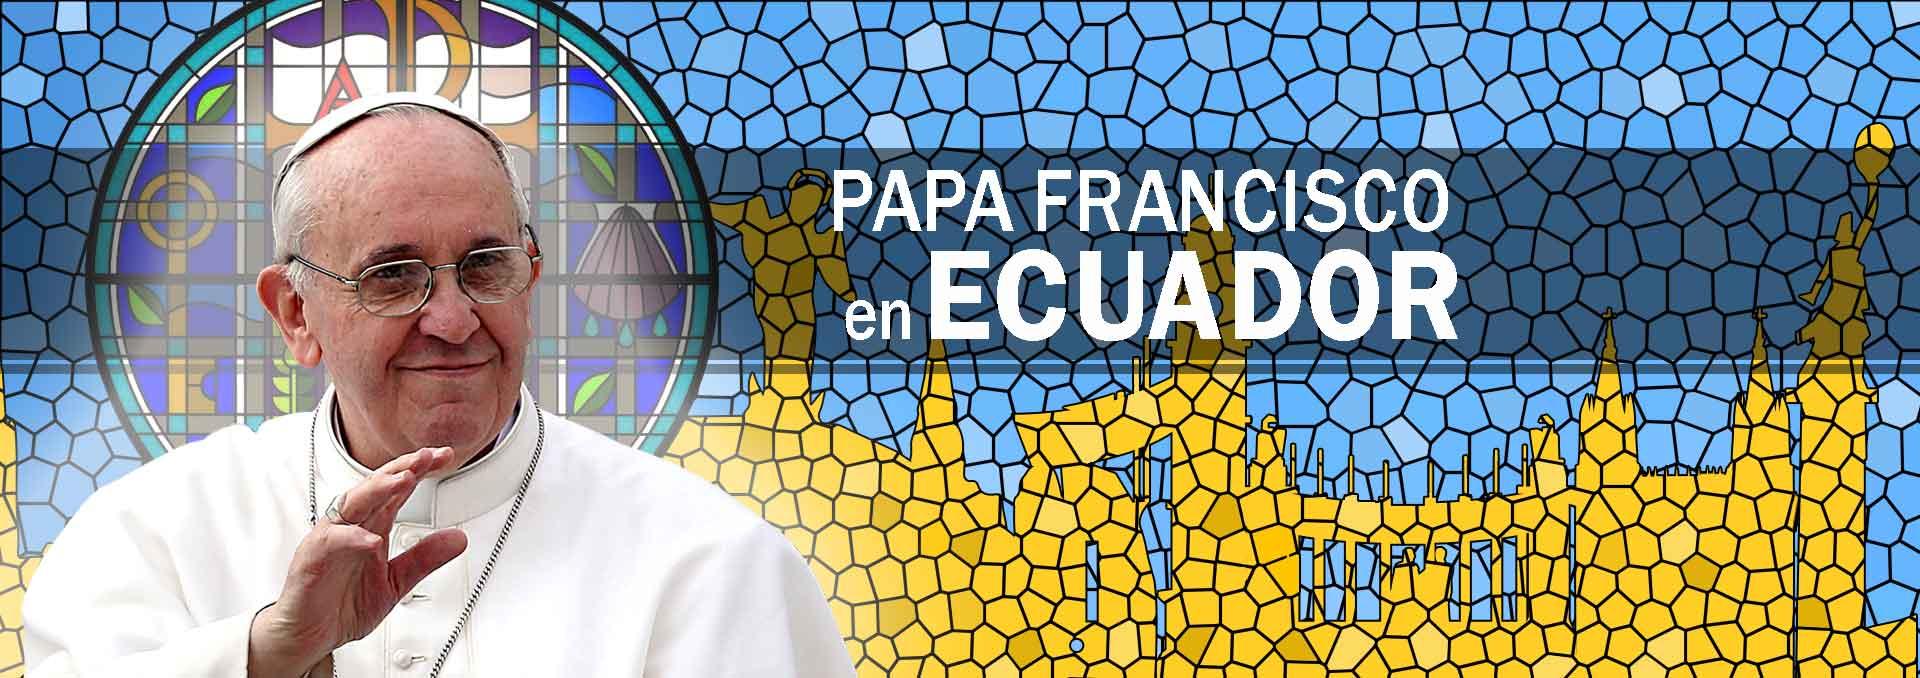 Papa Francisco Ecuador Papa Francisco en Ecuador